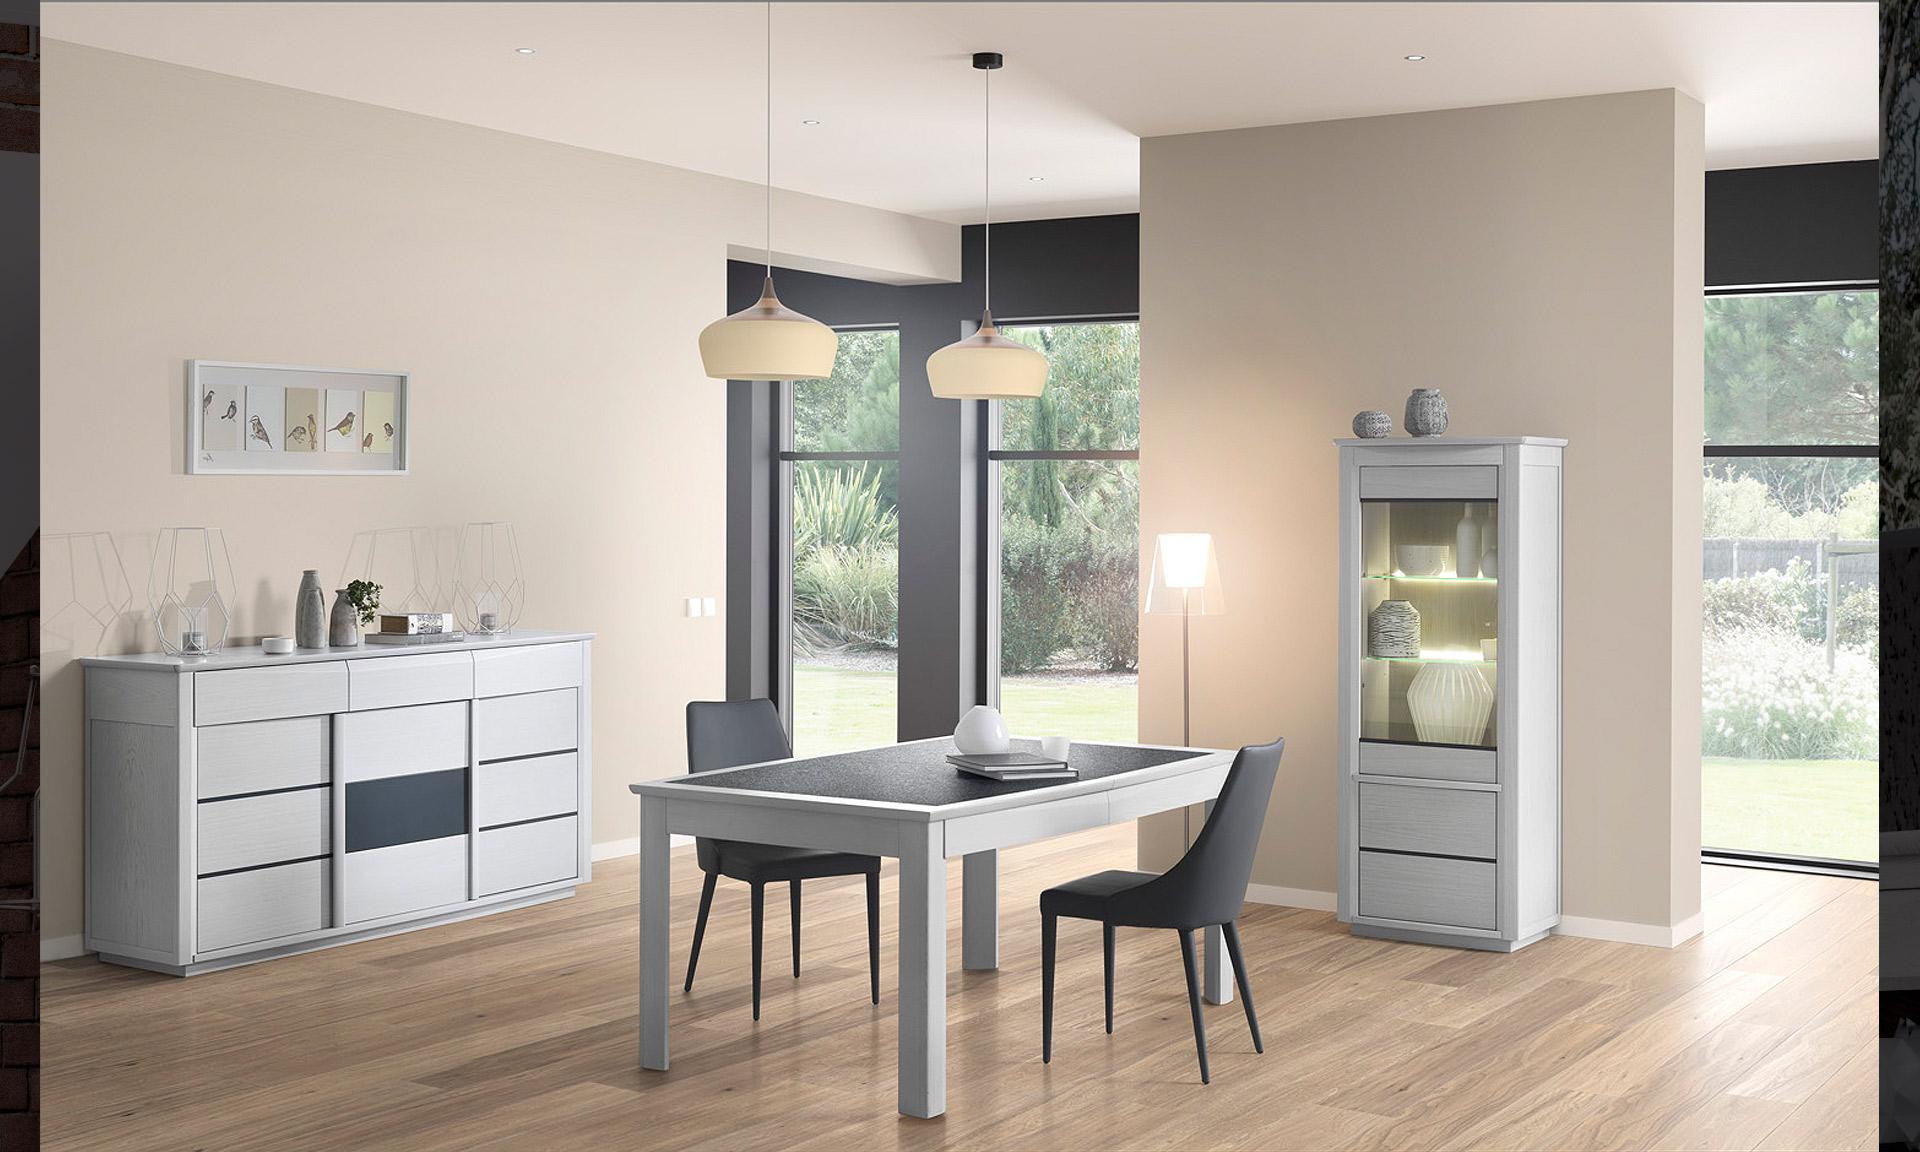 meuble sejour sirocco meubles caulier hazebrouck dans le nord. Black Bedroom Furniture Sets. Home Design Ideas